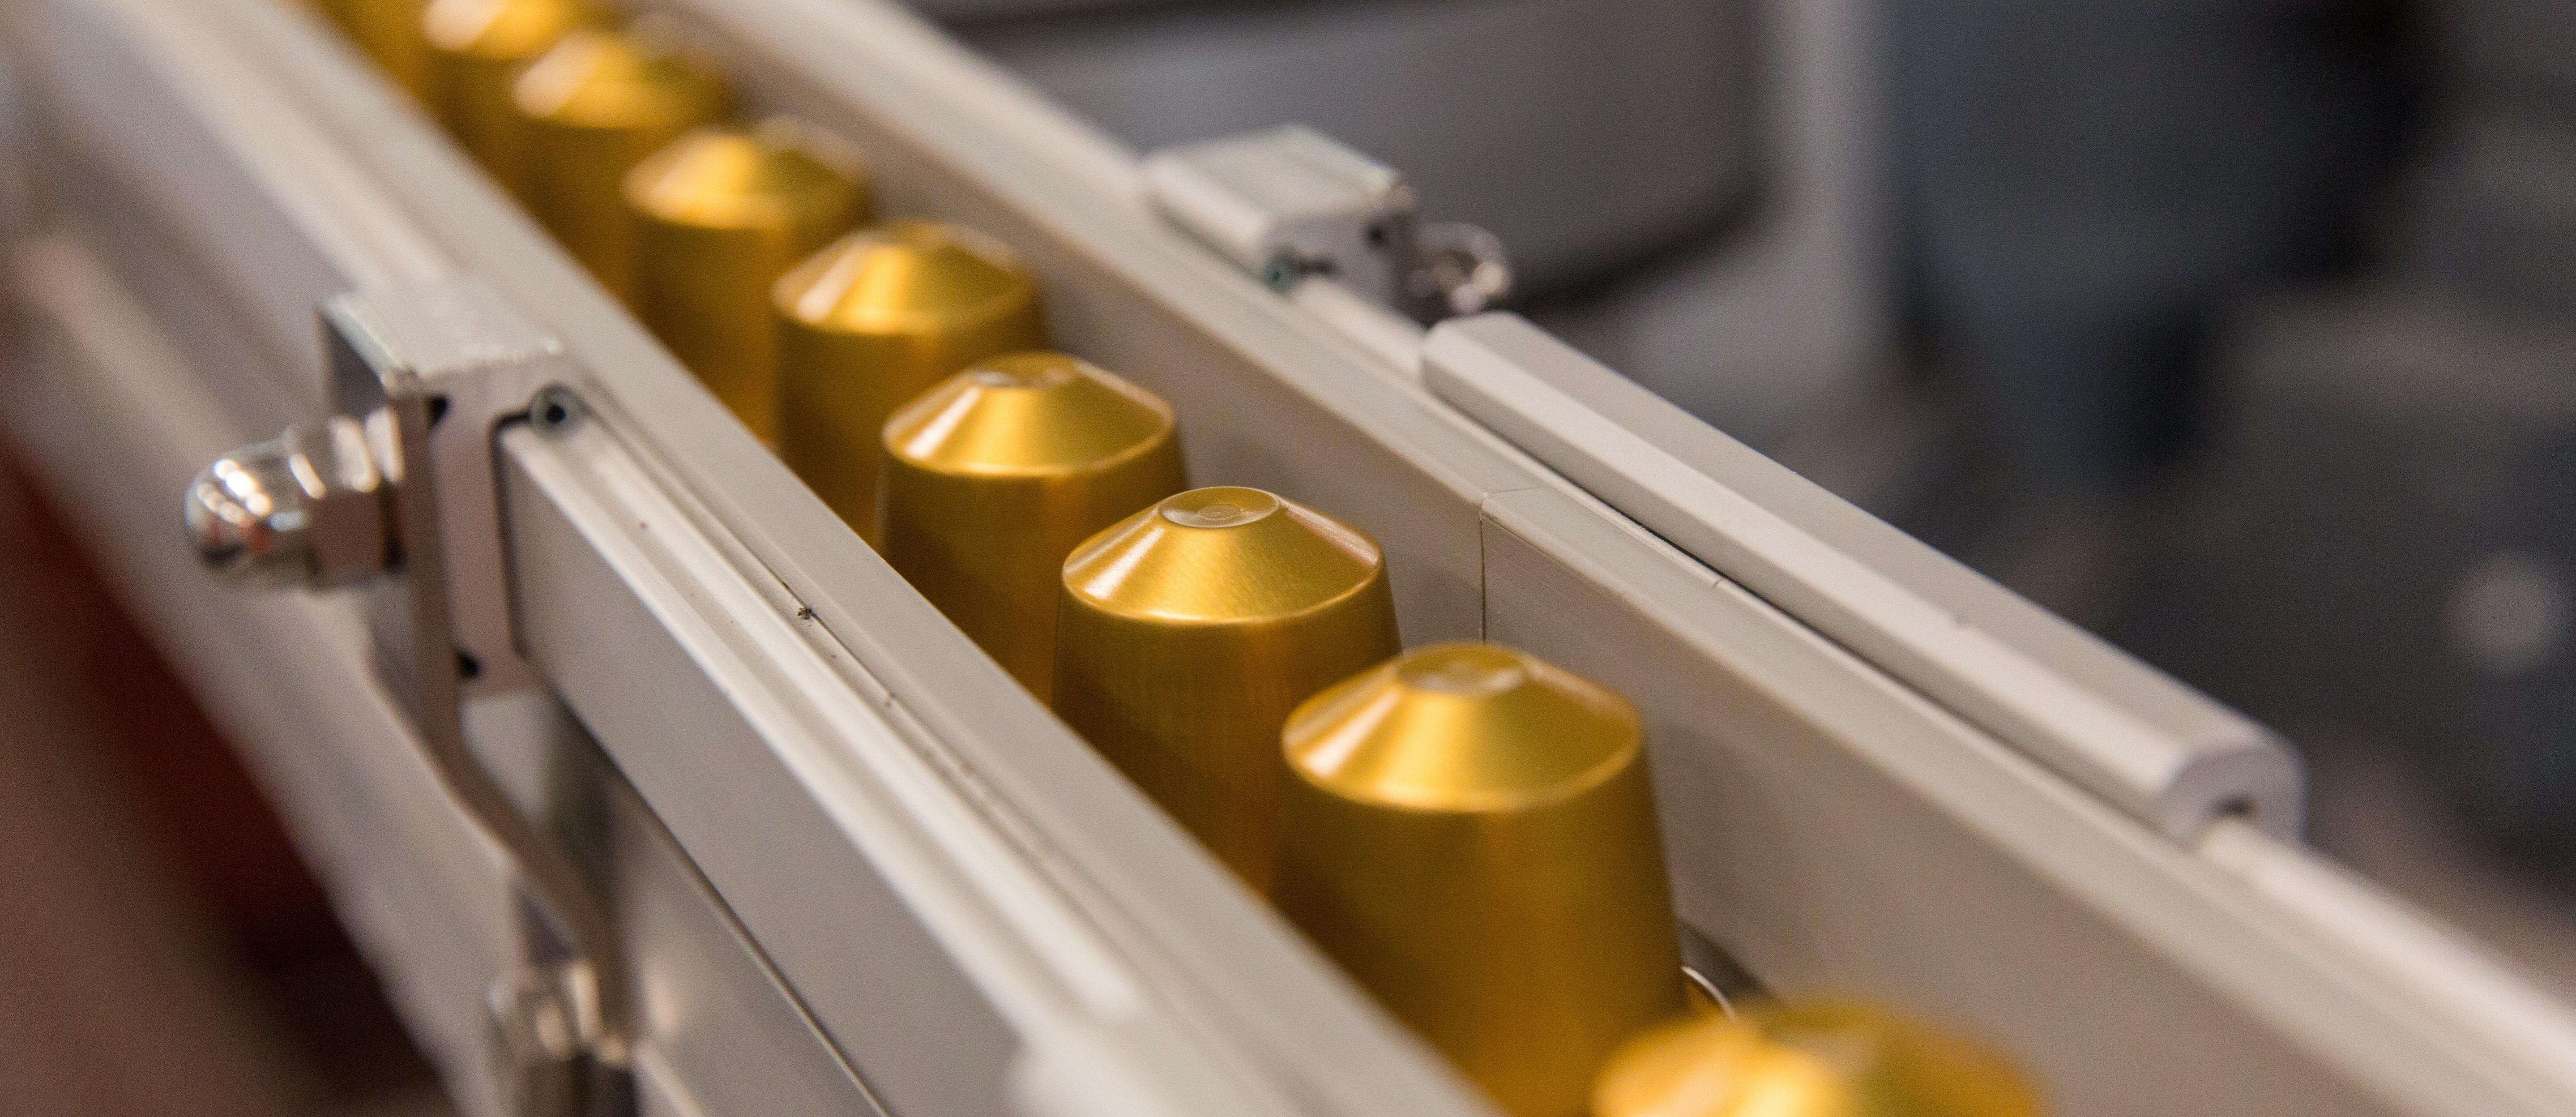 Nespresso_Romont_production_capsules-688207-edited.jpg